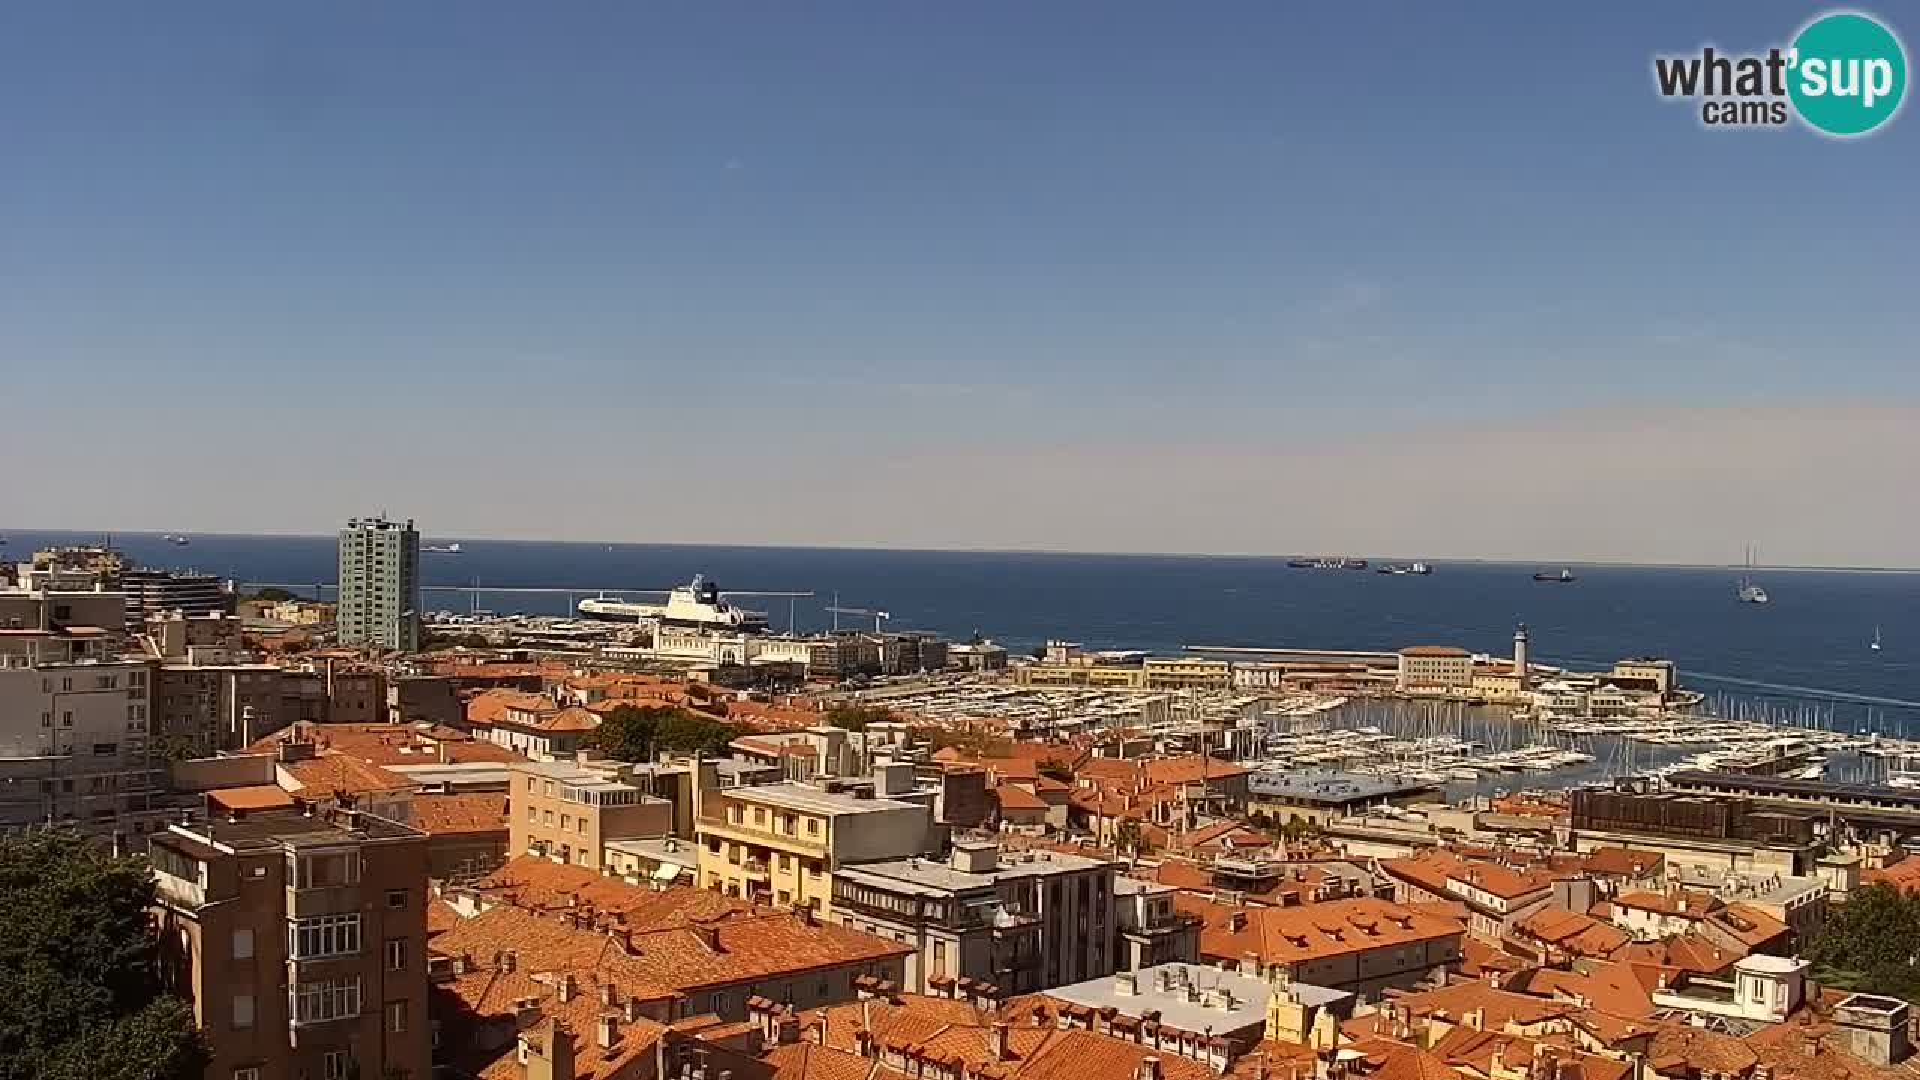 Spletna kamera v živo Trst – Panorama mesta, zaliva, pomorske postaje in gradu Miramar